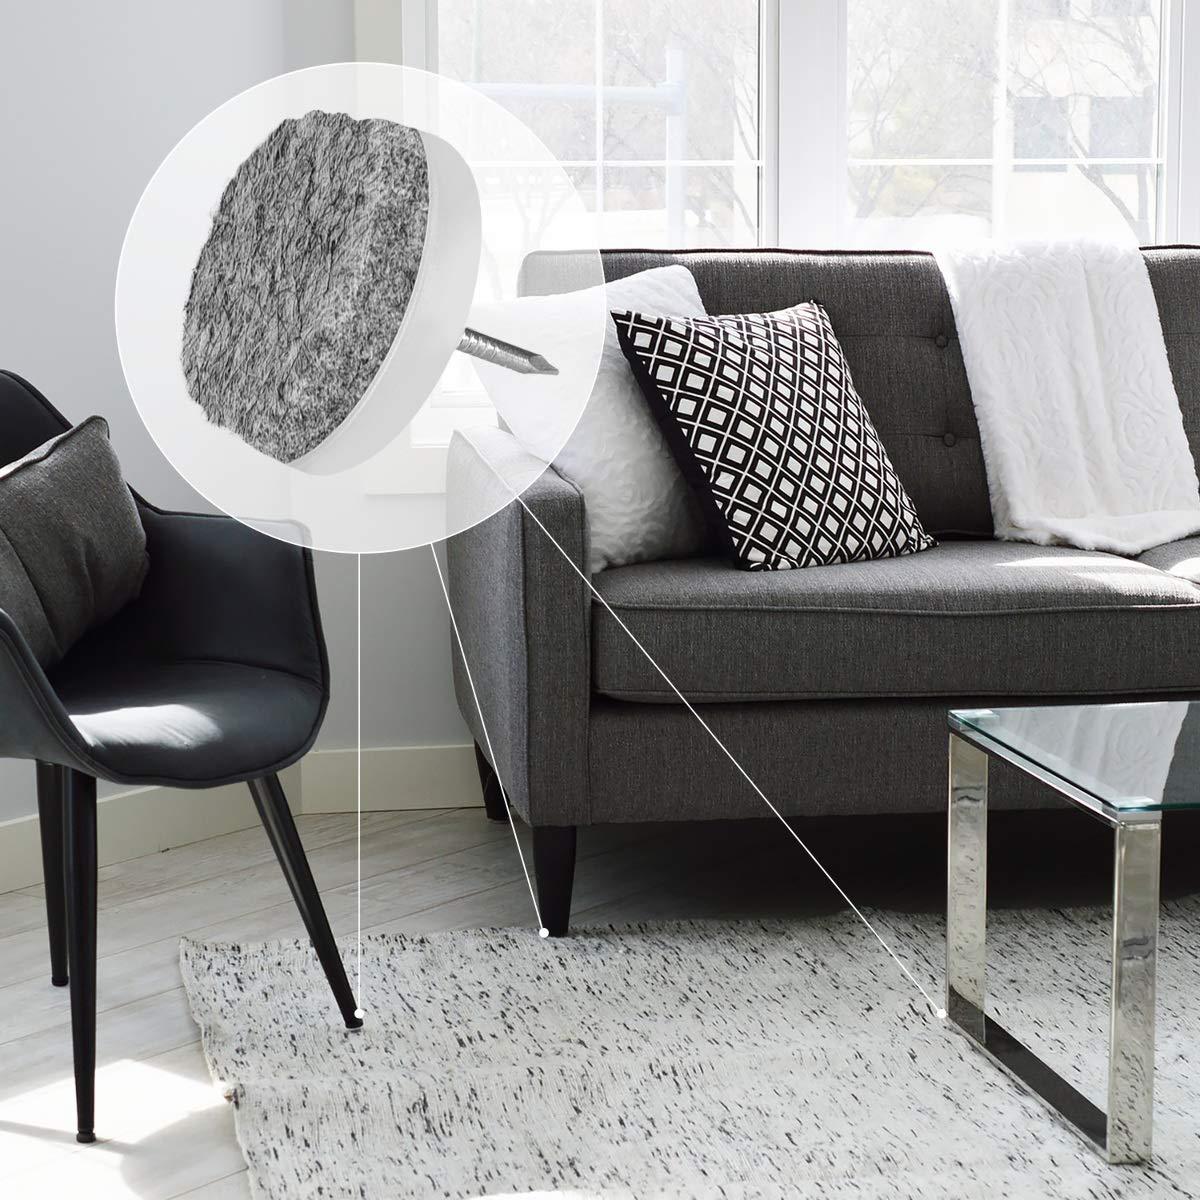 Tacos estilo alfiler para sillas y muebles Navaris pack 20 almohadillas de fieltro para sillas Redondos de 28MM Amortiguador para muebles